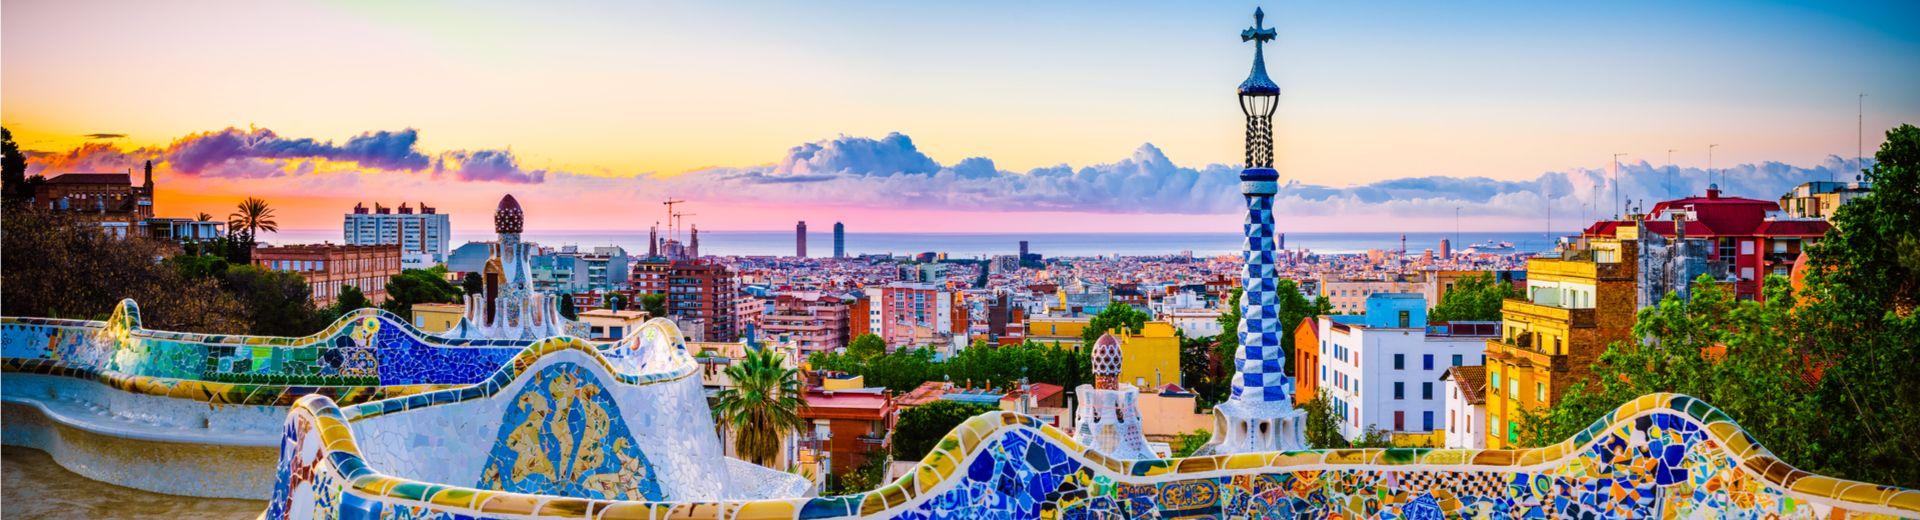 Minikreuzfahrt mit der Costa Mediterranea